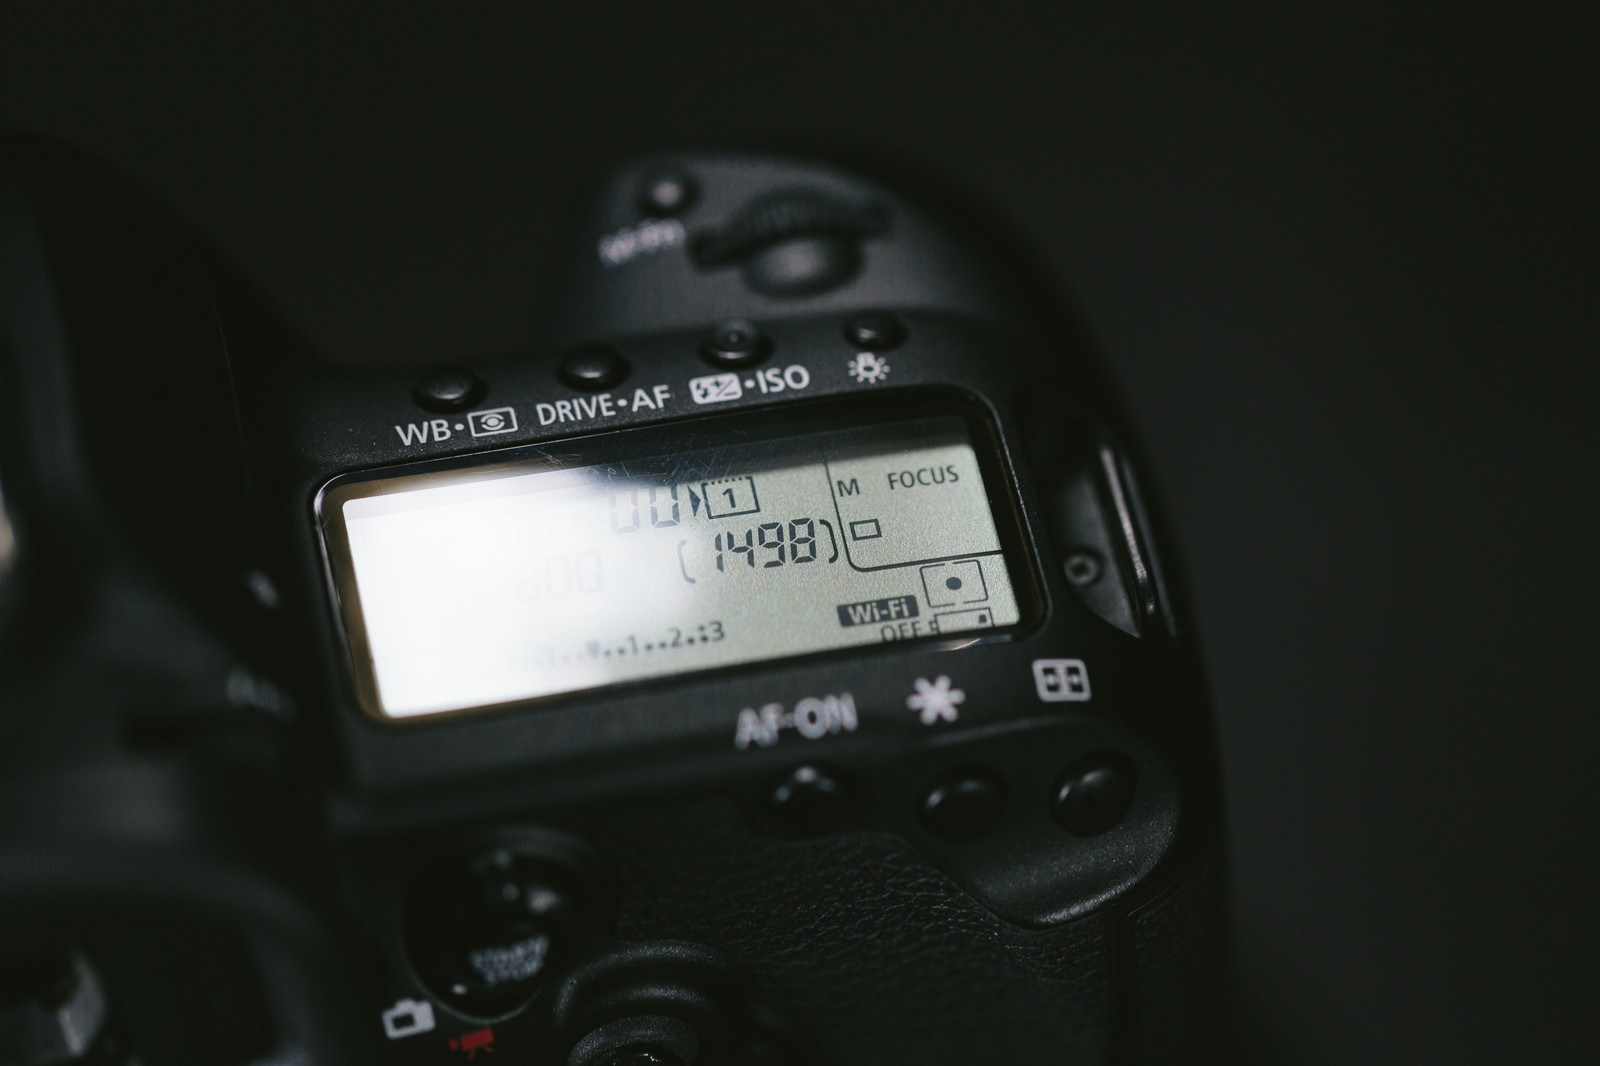 「一眼レフのバッテリーが残りわずか | 写真の無料素材・フリー素材 - ぱくたそ」の写真